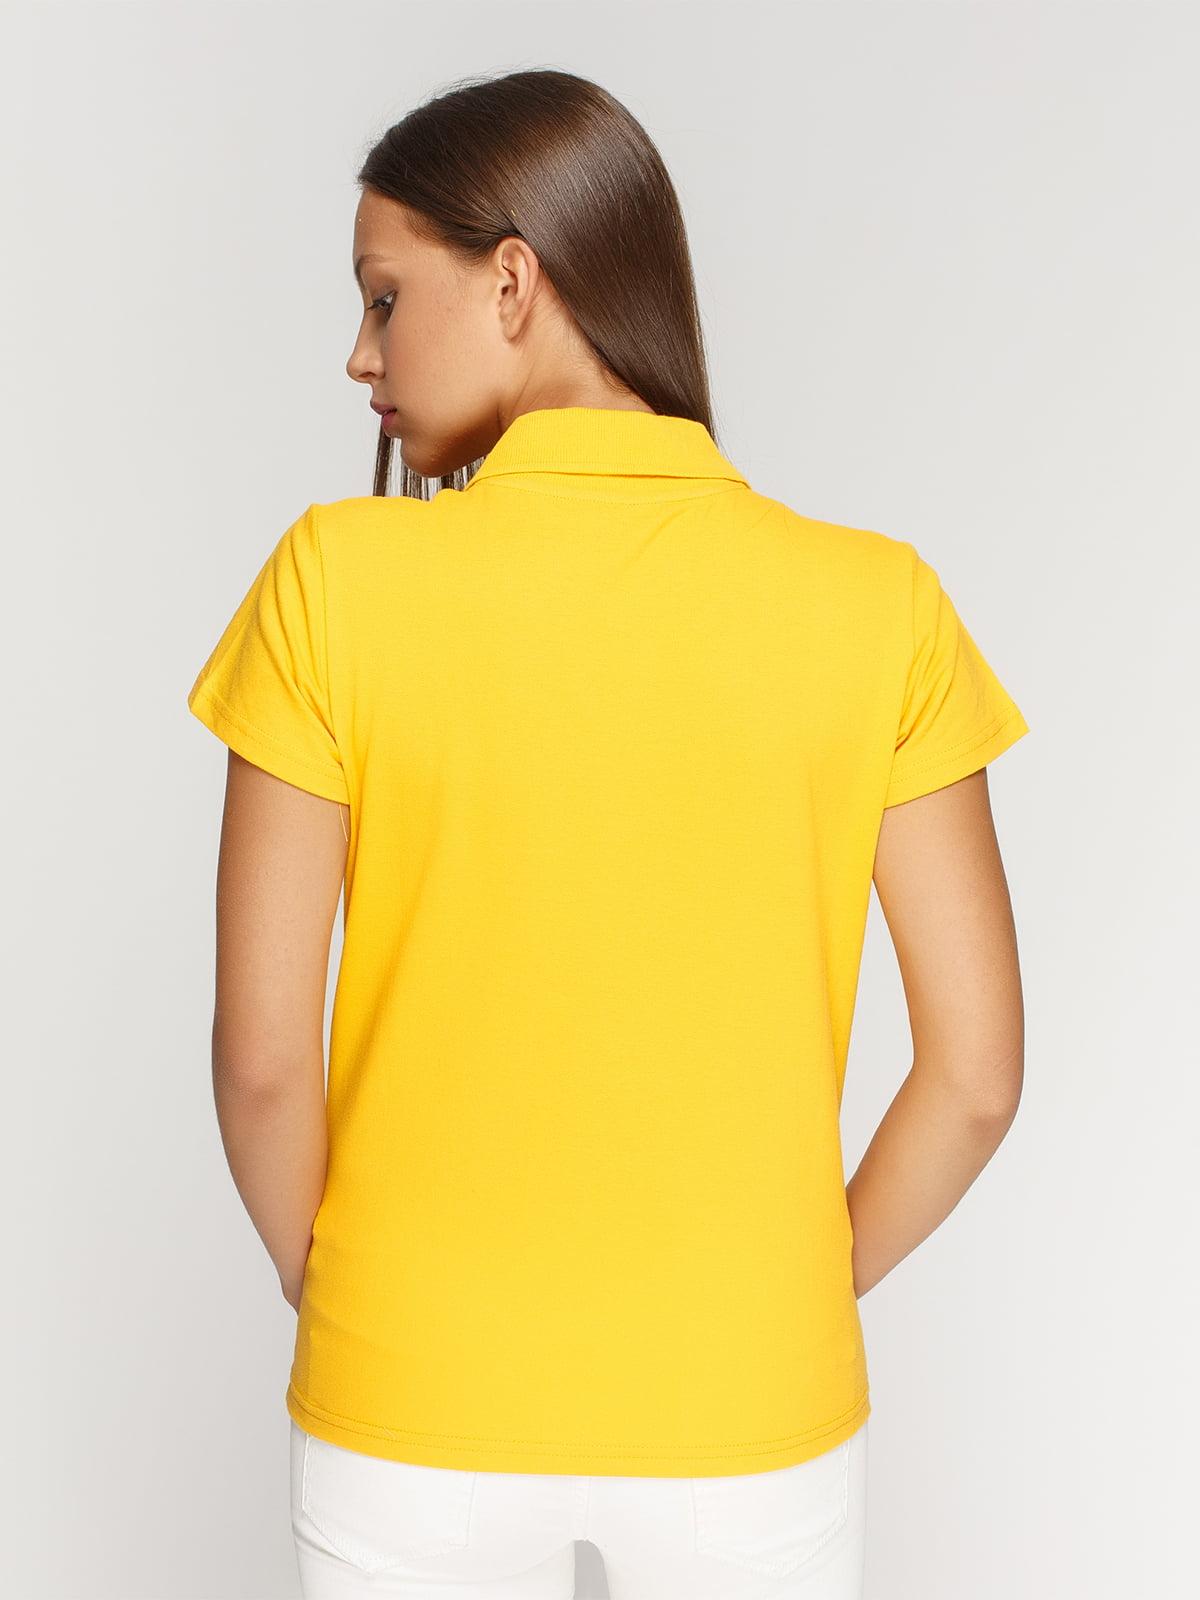 Футболка-поло желтая | 4768978 | фото 2